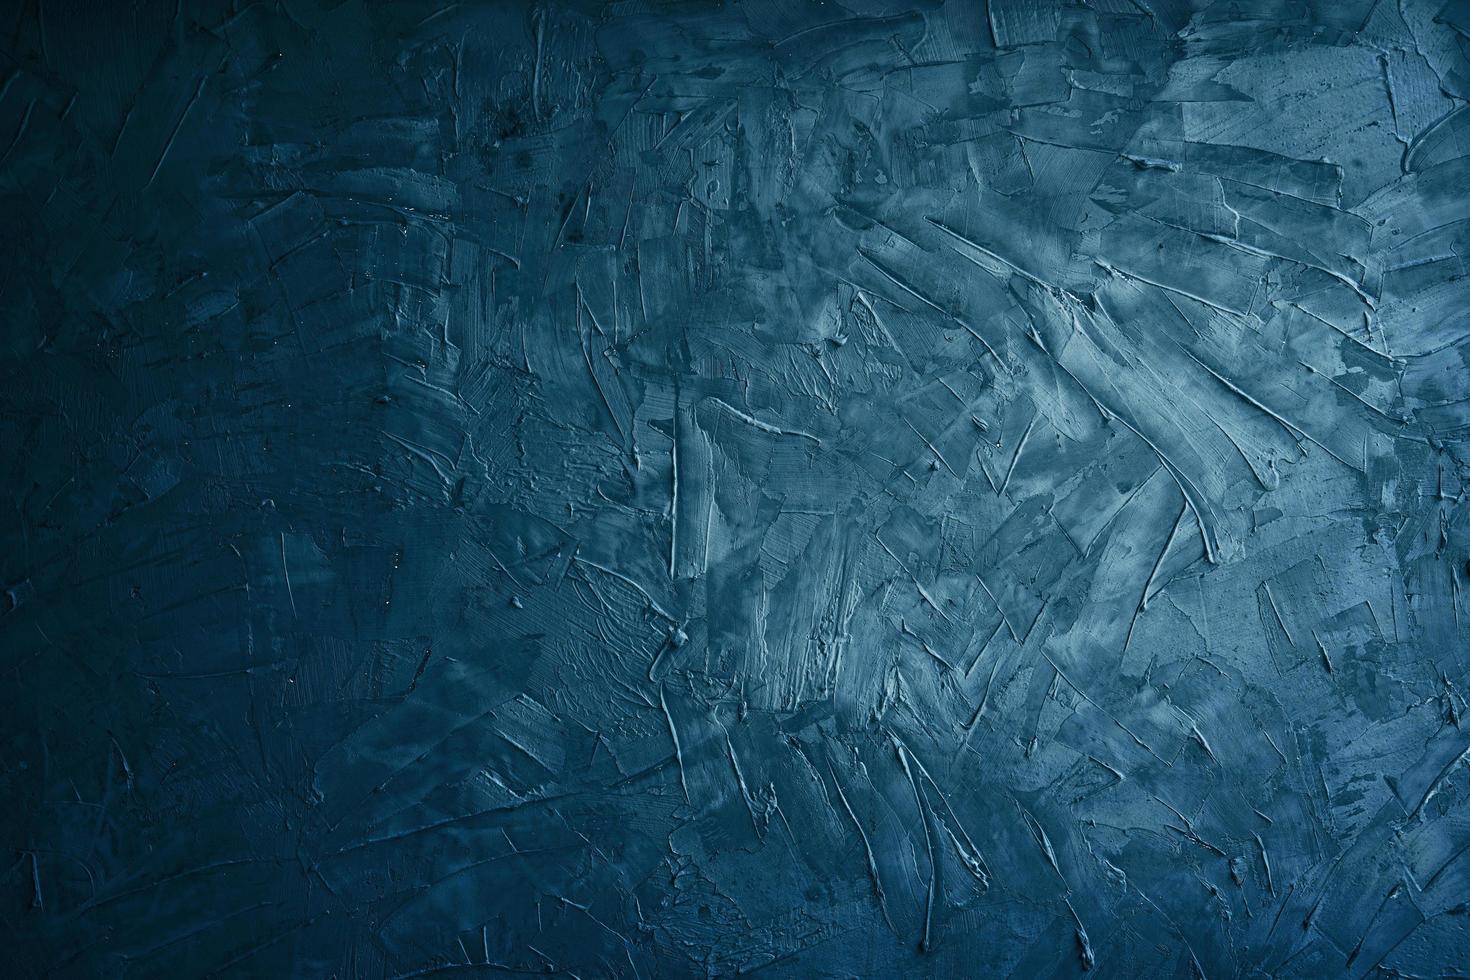 mörkblå grunge- och texturcement eller konkret bakgrund foto